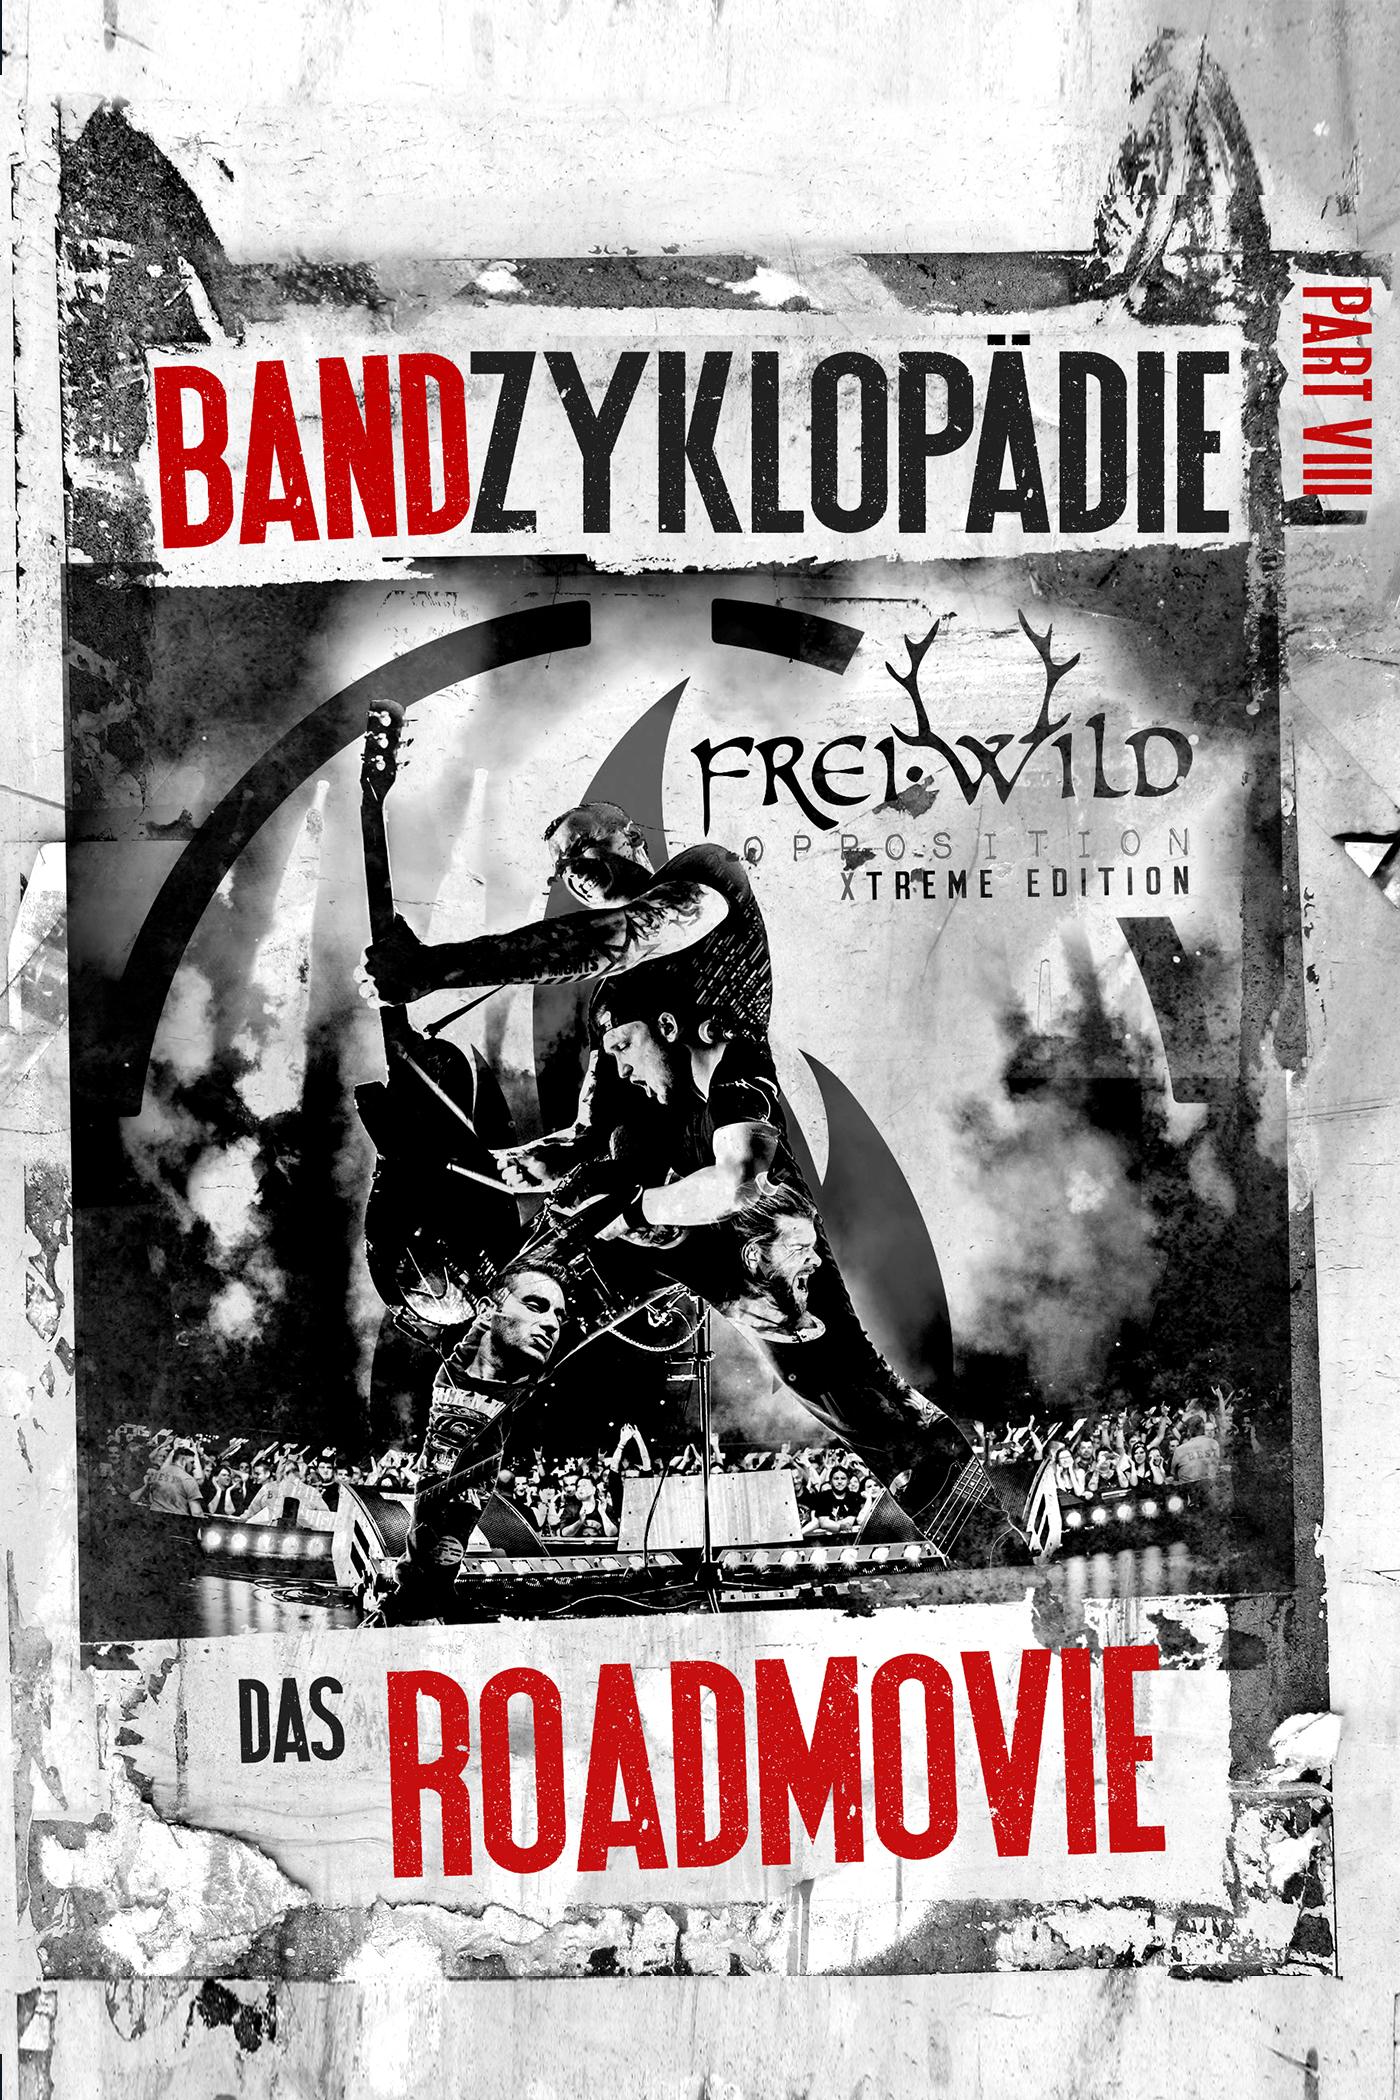 BANDZYKLOPÄDIE Part VIII: Opposition X-Treme Edition - Das Roadmovie stream